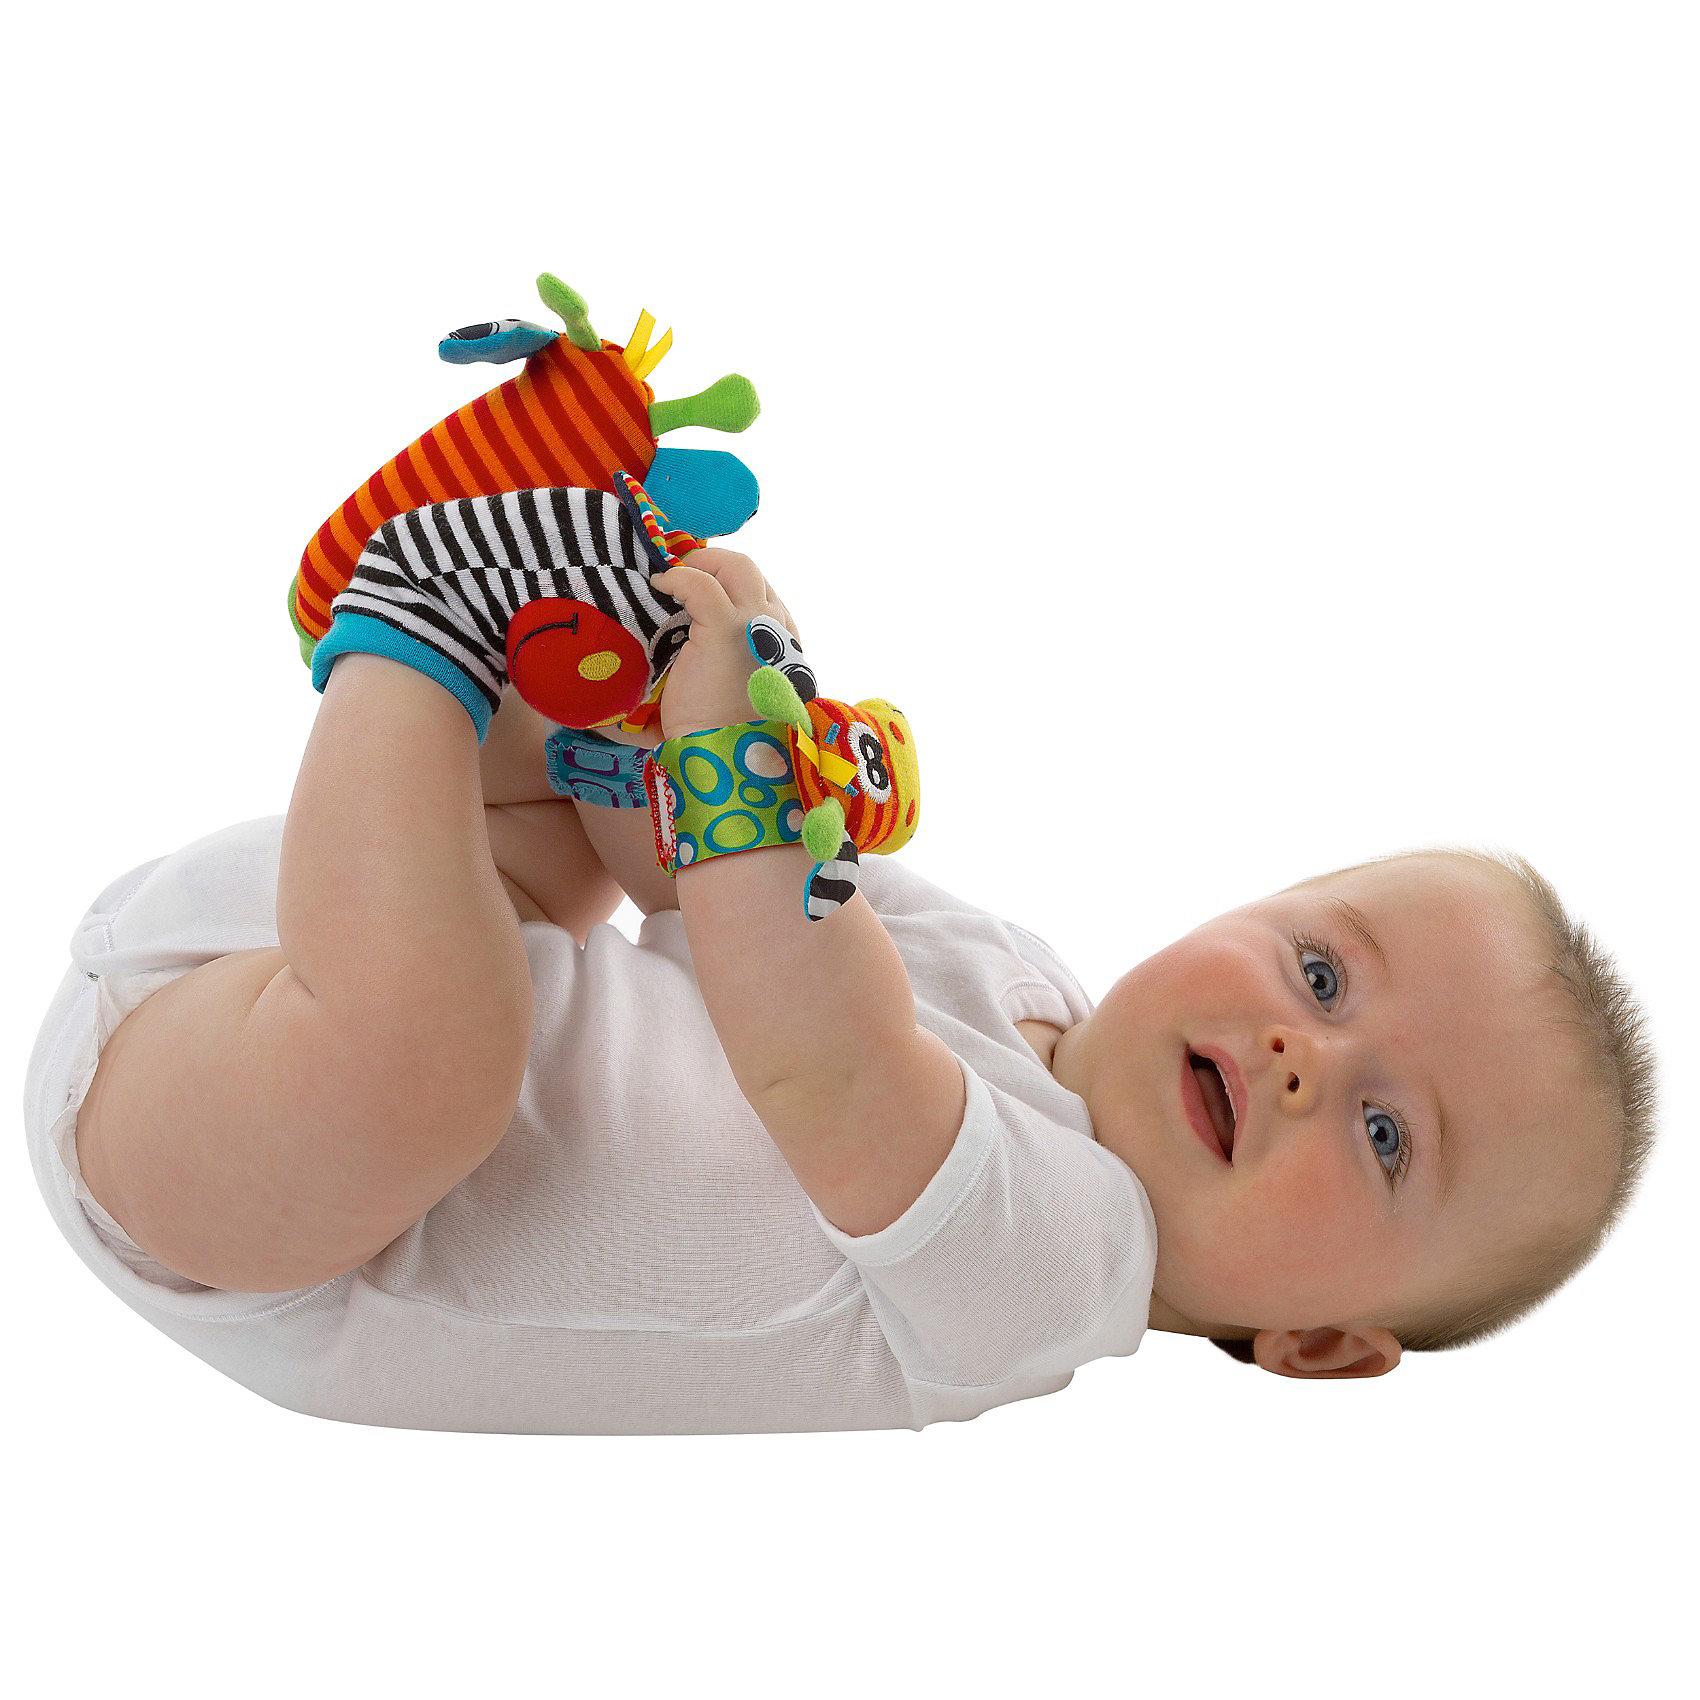 Игровой набор Зверьки, PlaygroИгрушки для малышей<br>Игровой набор Зверьки, Playgro (Плейгро) подарит малышу новые впечатления и радостную улыбку.<br>Яркие игрушки на ножки и ручки от фирмы Playgro (Плейгро) из мягкой ткани развеселят и развлекут малыша. Ведь так весело доставать свои ножки, если на них надеты такие красивые носочки с забавными мордочками жирафа и зебры. Игрушки на ручках будут греметь при каждом движении. Игровой набор способствует развитию моторики, координации, слуха, осознанию причинно-следственных связей.<br><br>Дополнительная информация:<br><br>- Материал: текстиль<br>- В набор: 2 носочка (жираф и зебра) и 2 браслета на ручку (жираф и зебра)<br>- Размер упаковки: 18 х 6 х 18 см<br><br>Игровой набор Зверьки, Playgro можно купить в нашем интернет-магазине.<br><br>Ширина мм: 180<br>Глубина мм: 180<br>Высота мм: 60<br>Вес г: 233<br>Возраст от месяцев: 0<br>Возраст до месяцев: 12<br>Пол: Унисекс<br>Возраст: Детский<br>SKU: 3599517